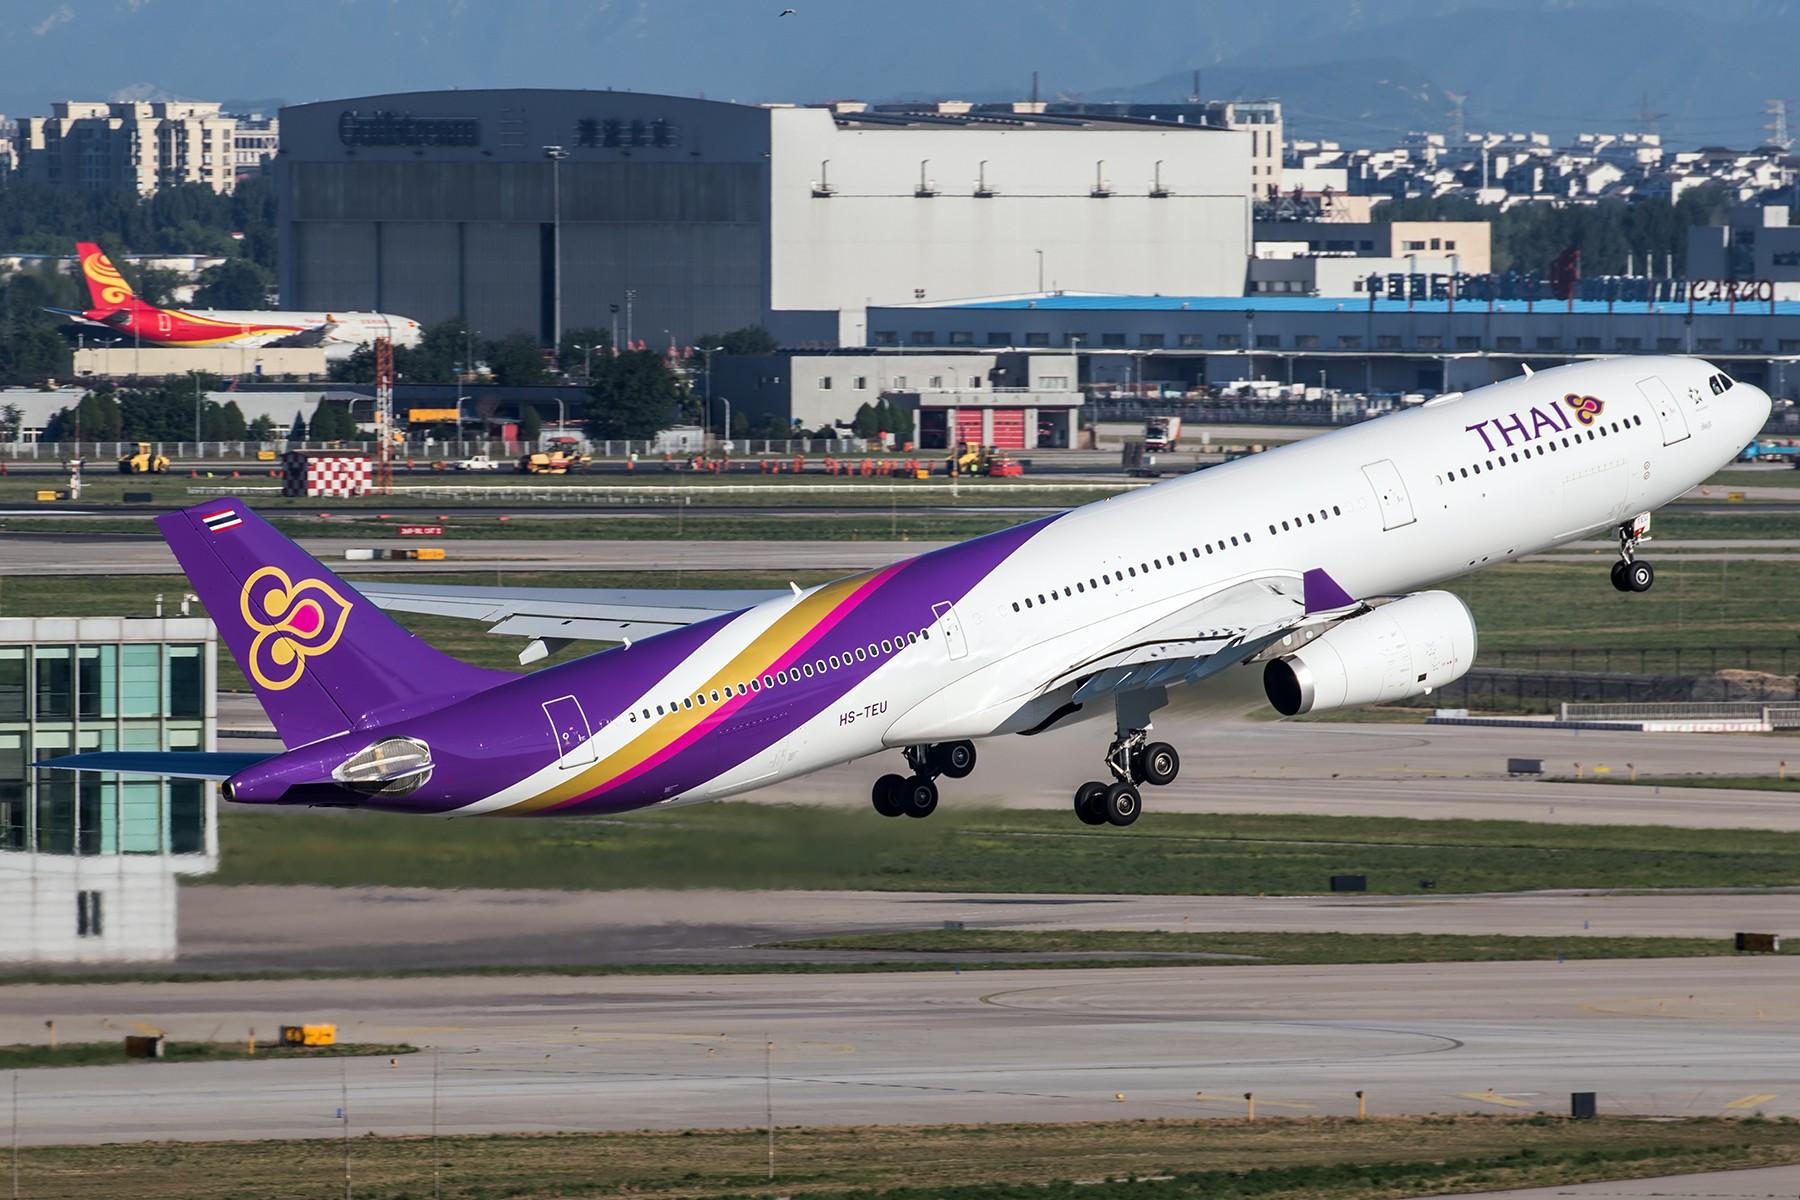 泰国7月1日全面解封 泰国什么时候可以入境隔离吗 泰国出入